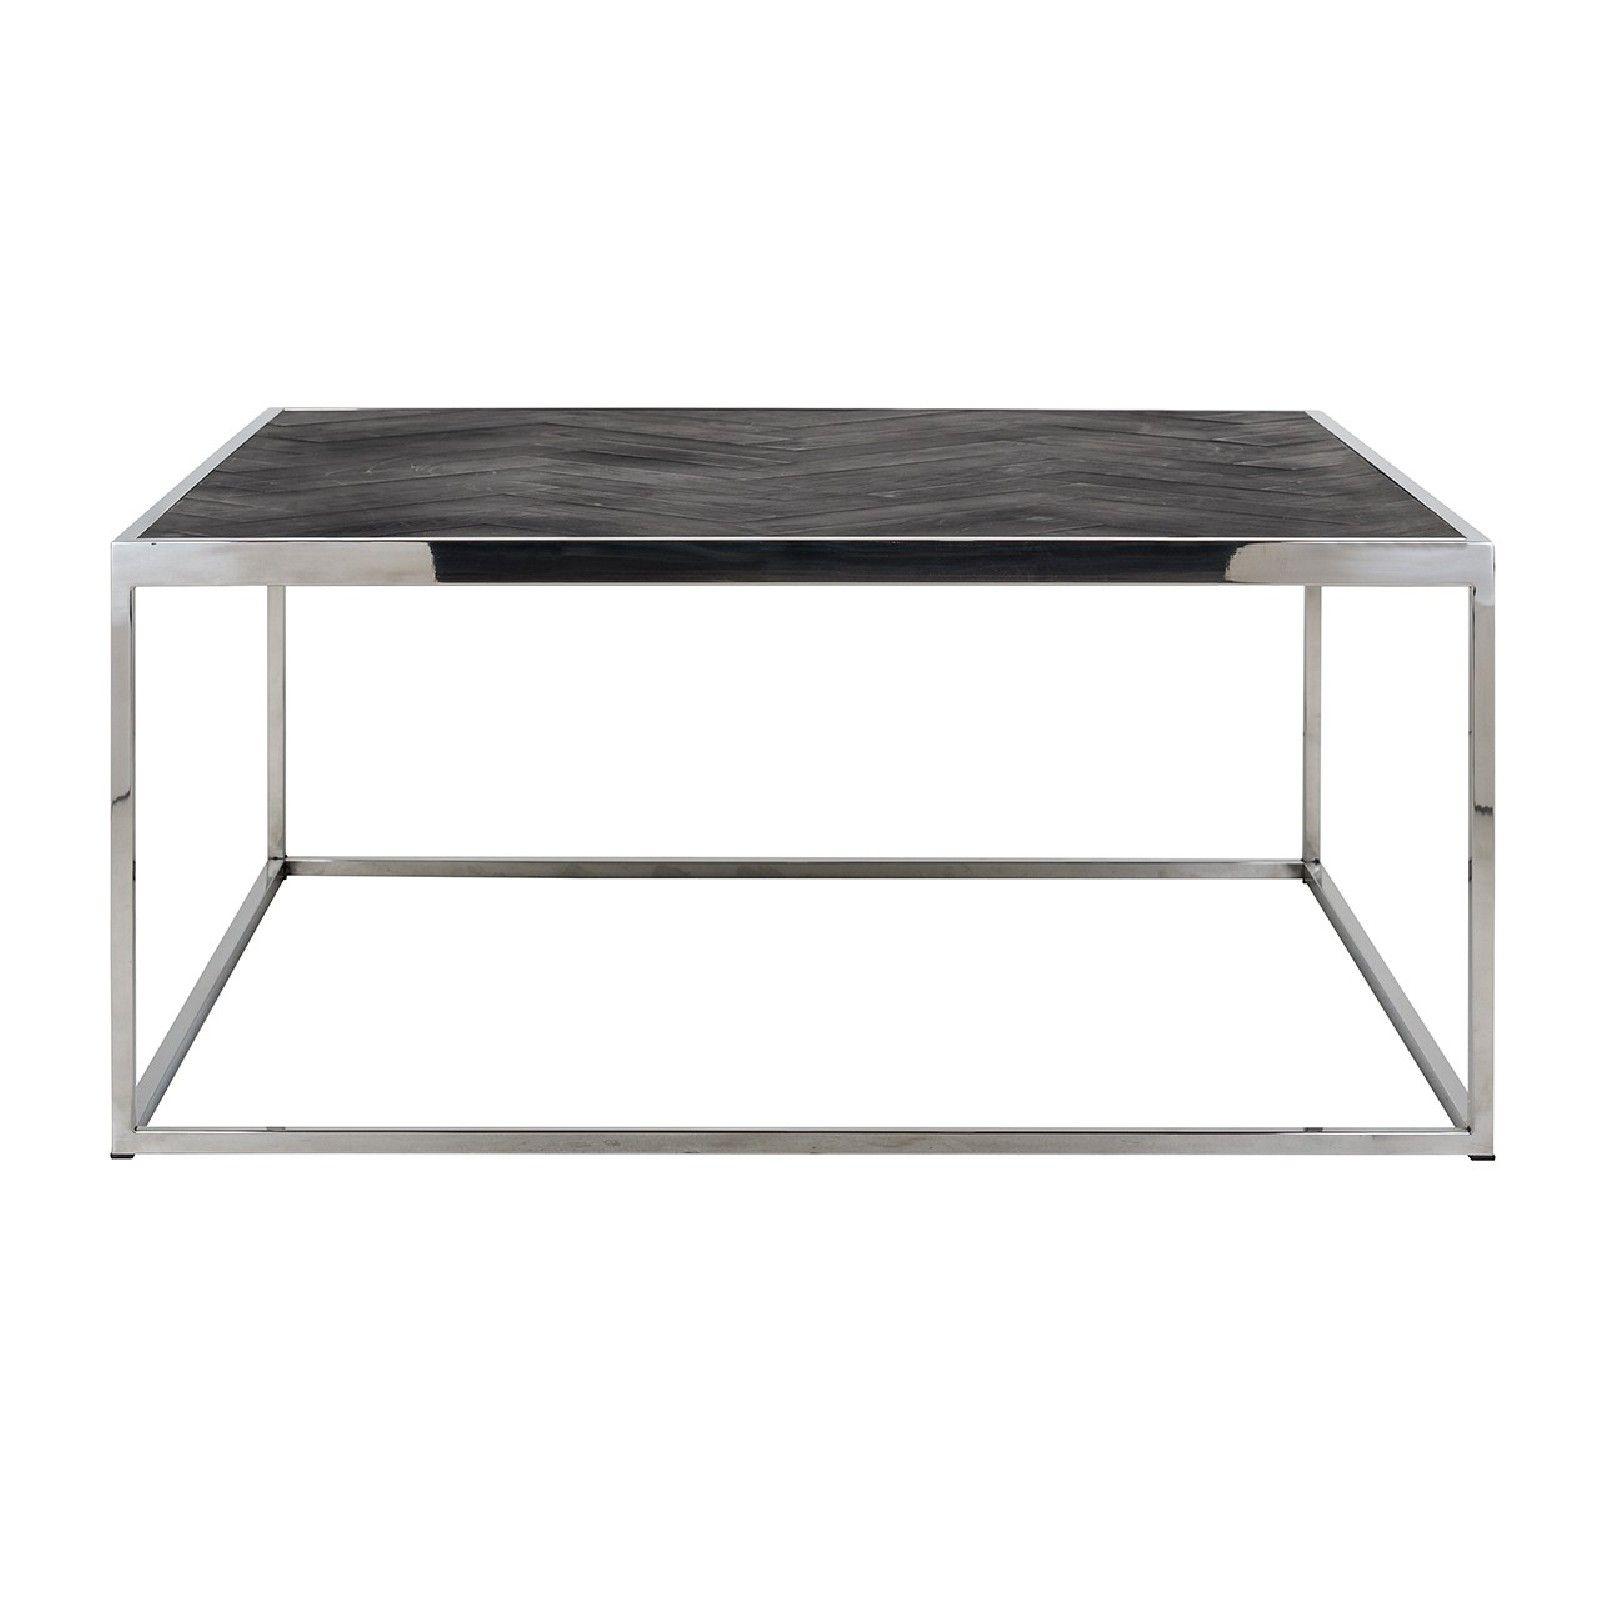 Table de salon Blackbone silver 90x90 Tables basses rectangulaires - 327